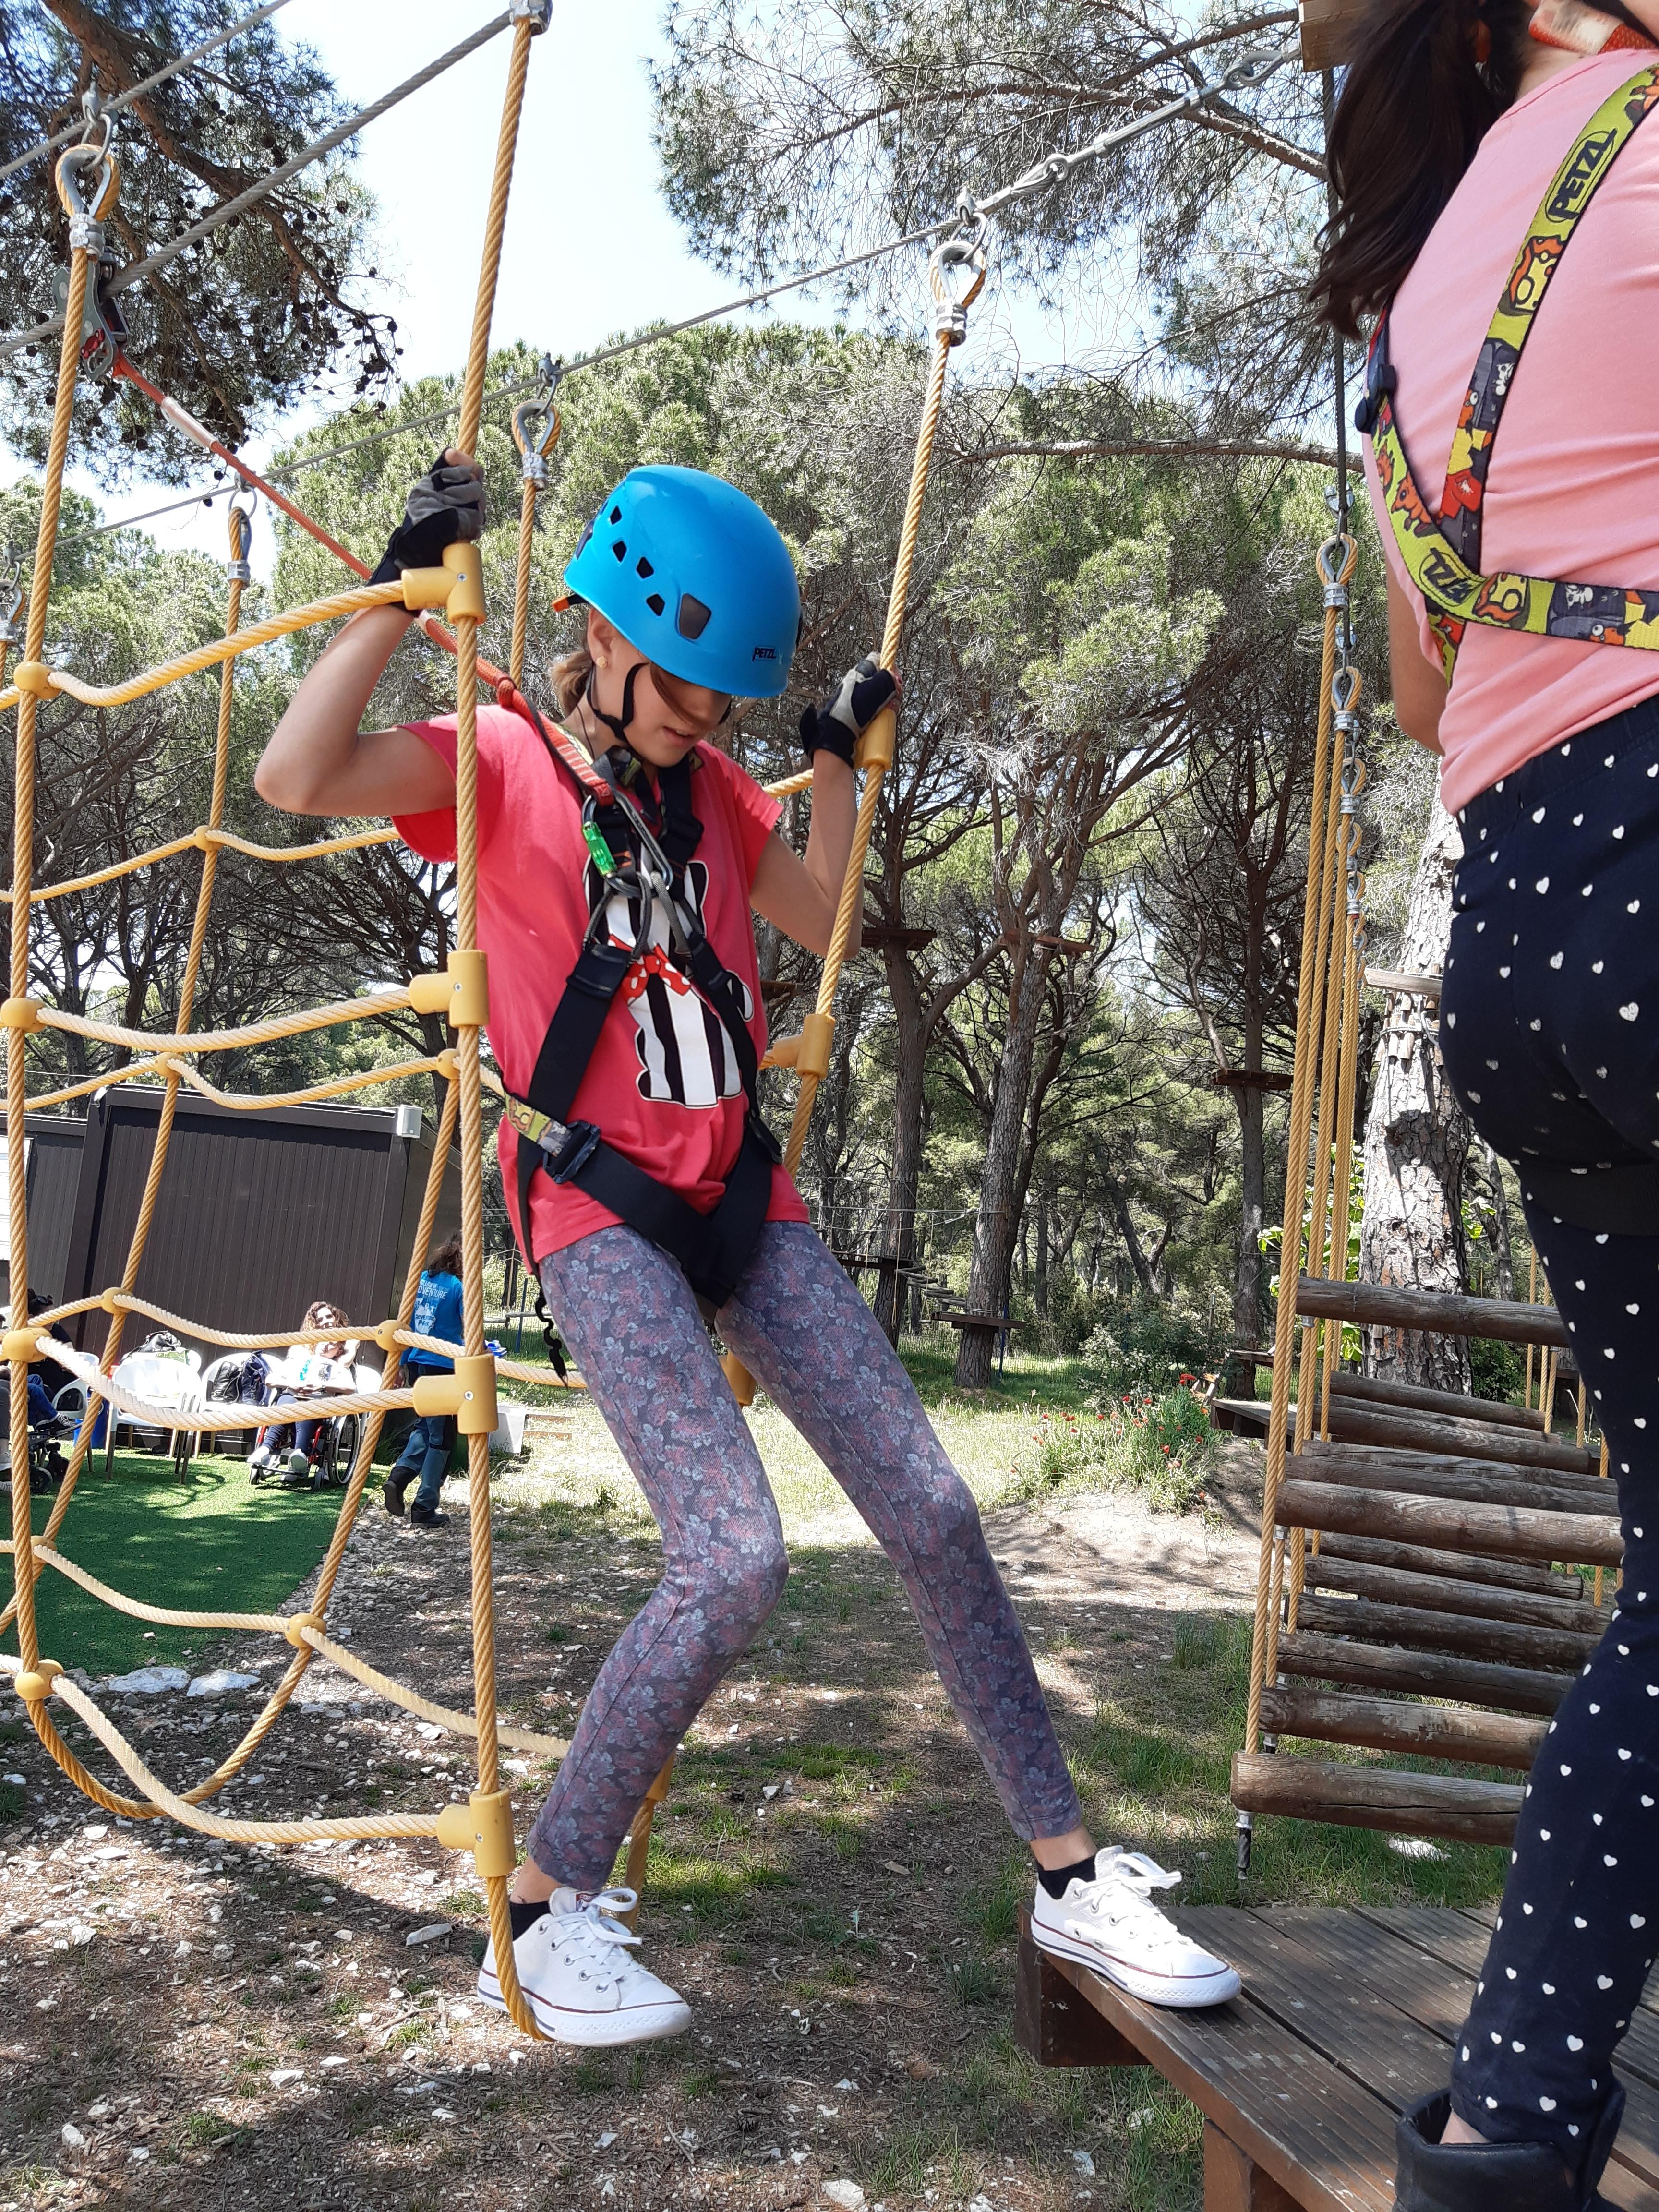 Adrenalinski izlet za posebne avanturiste